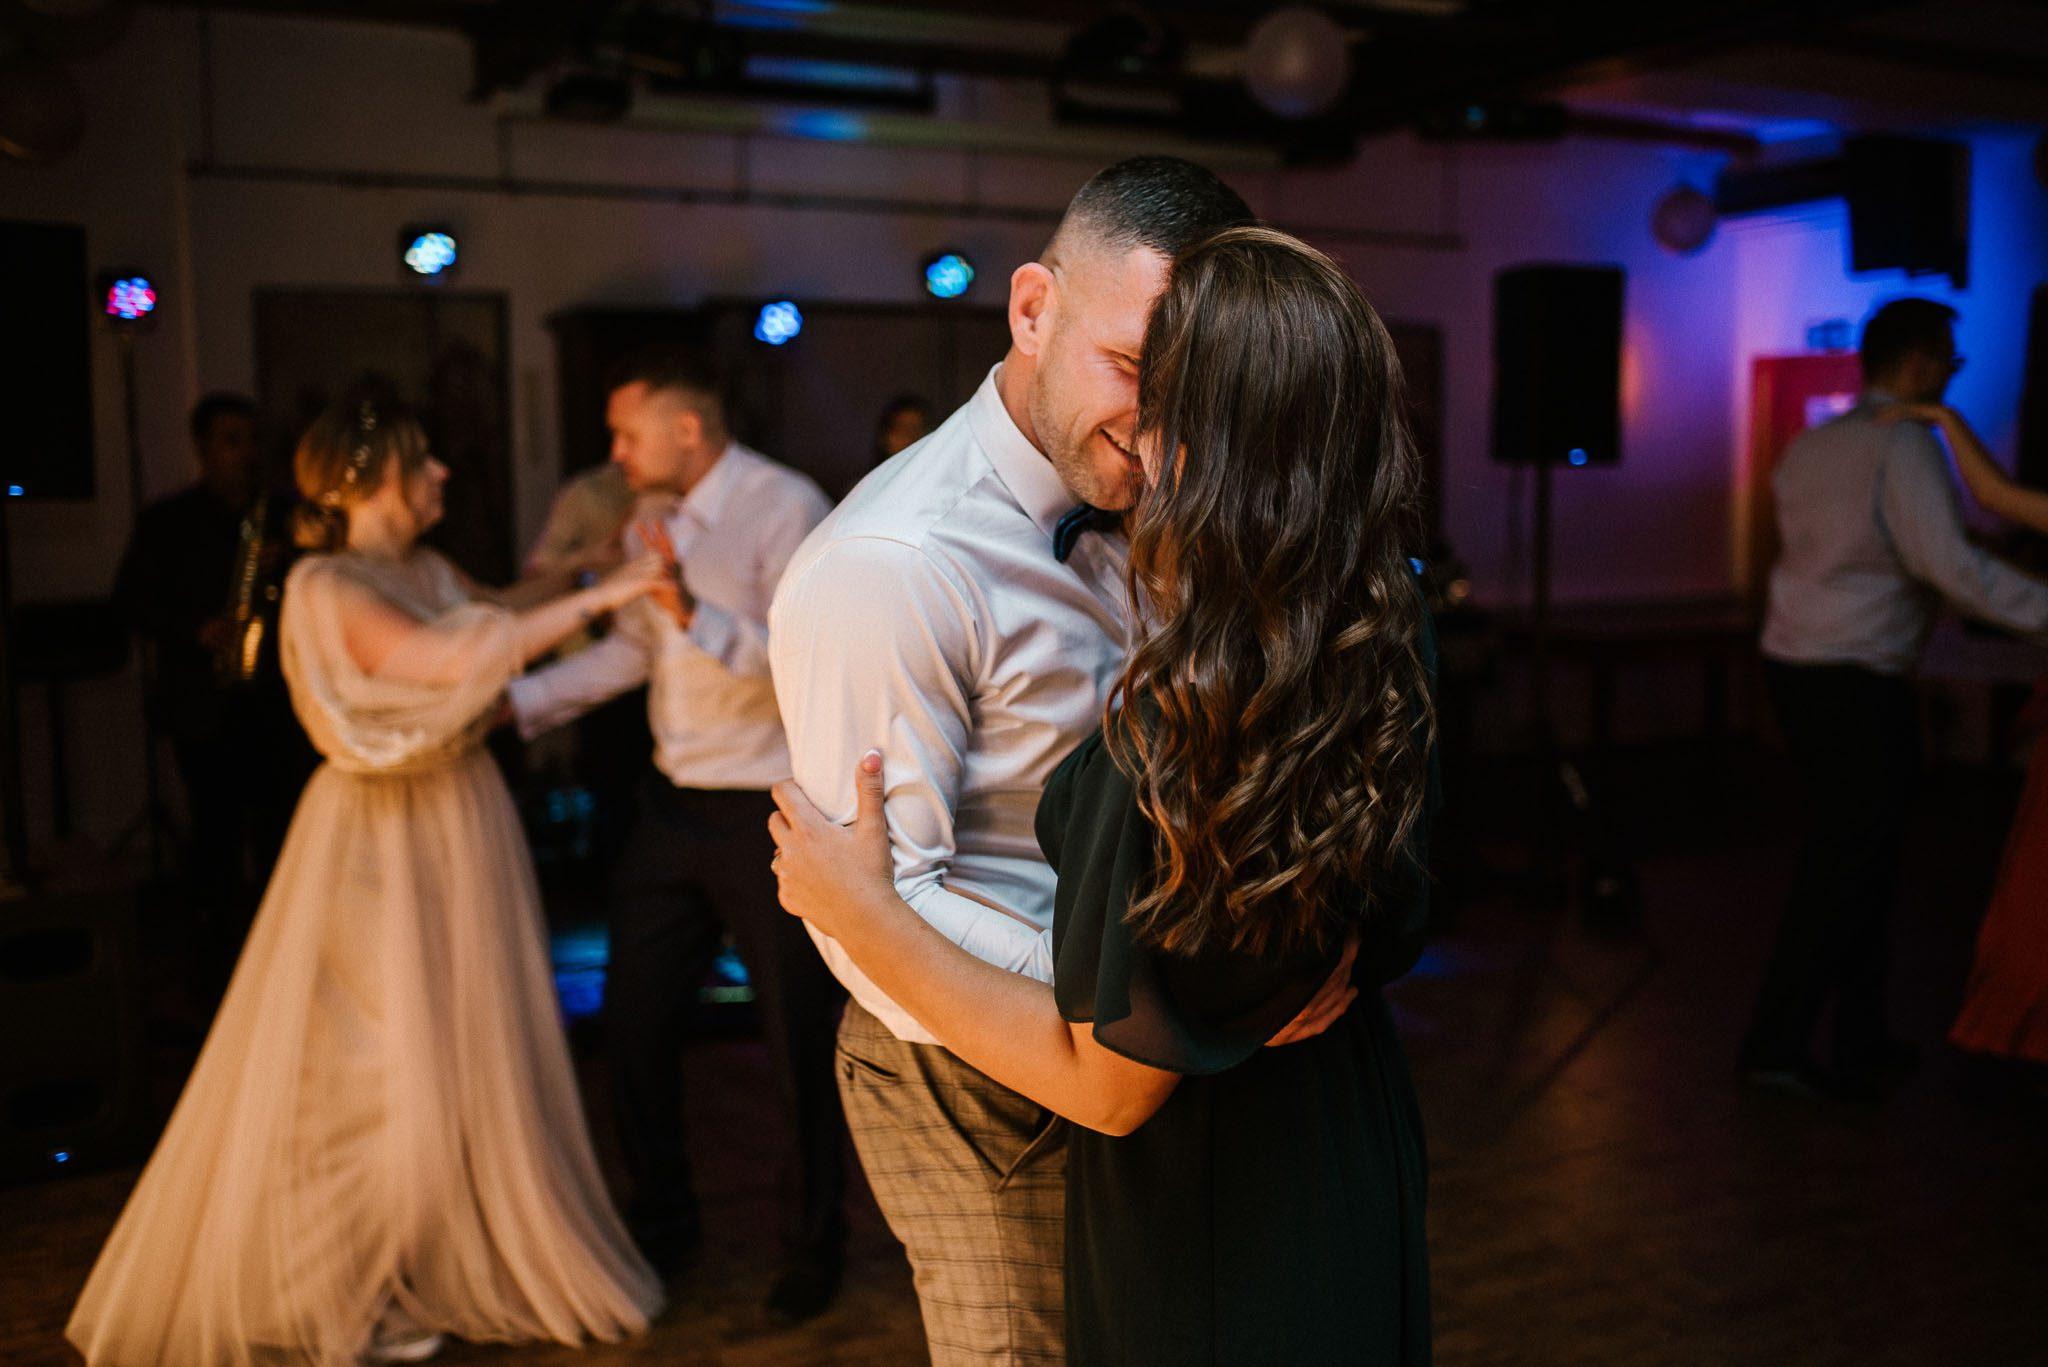 Goście tańczą na weselu - ślub w Biskupicach, Siedem Drzew